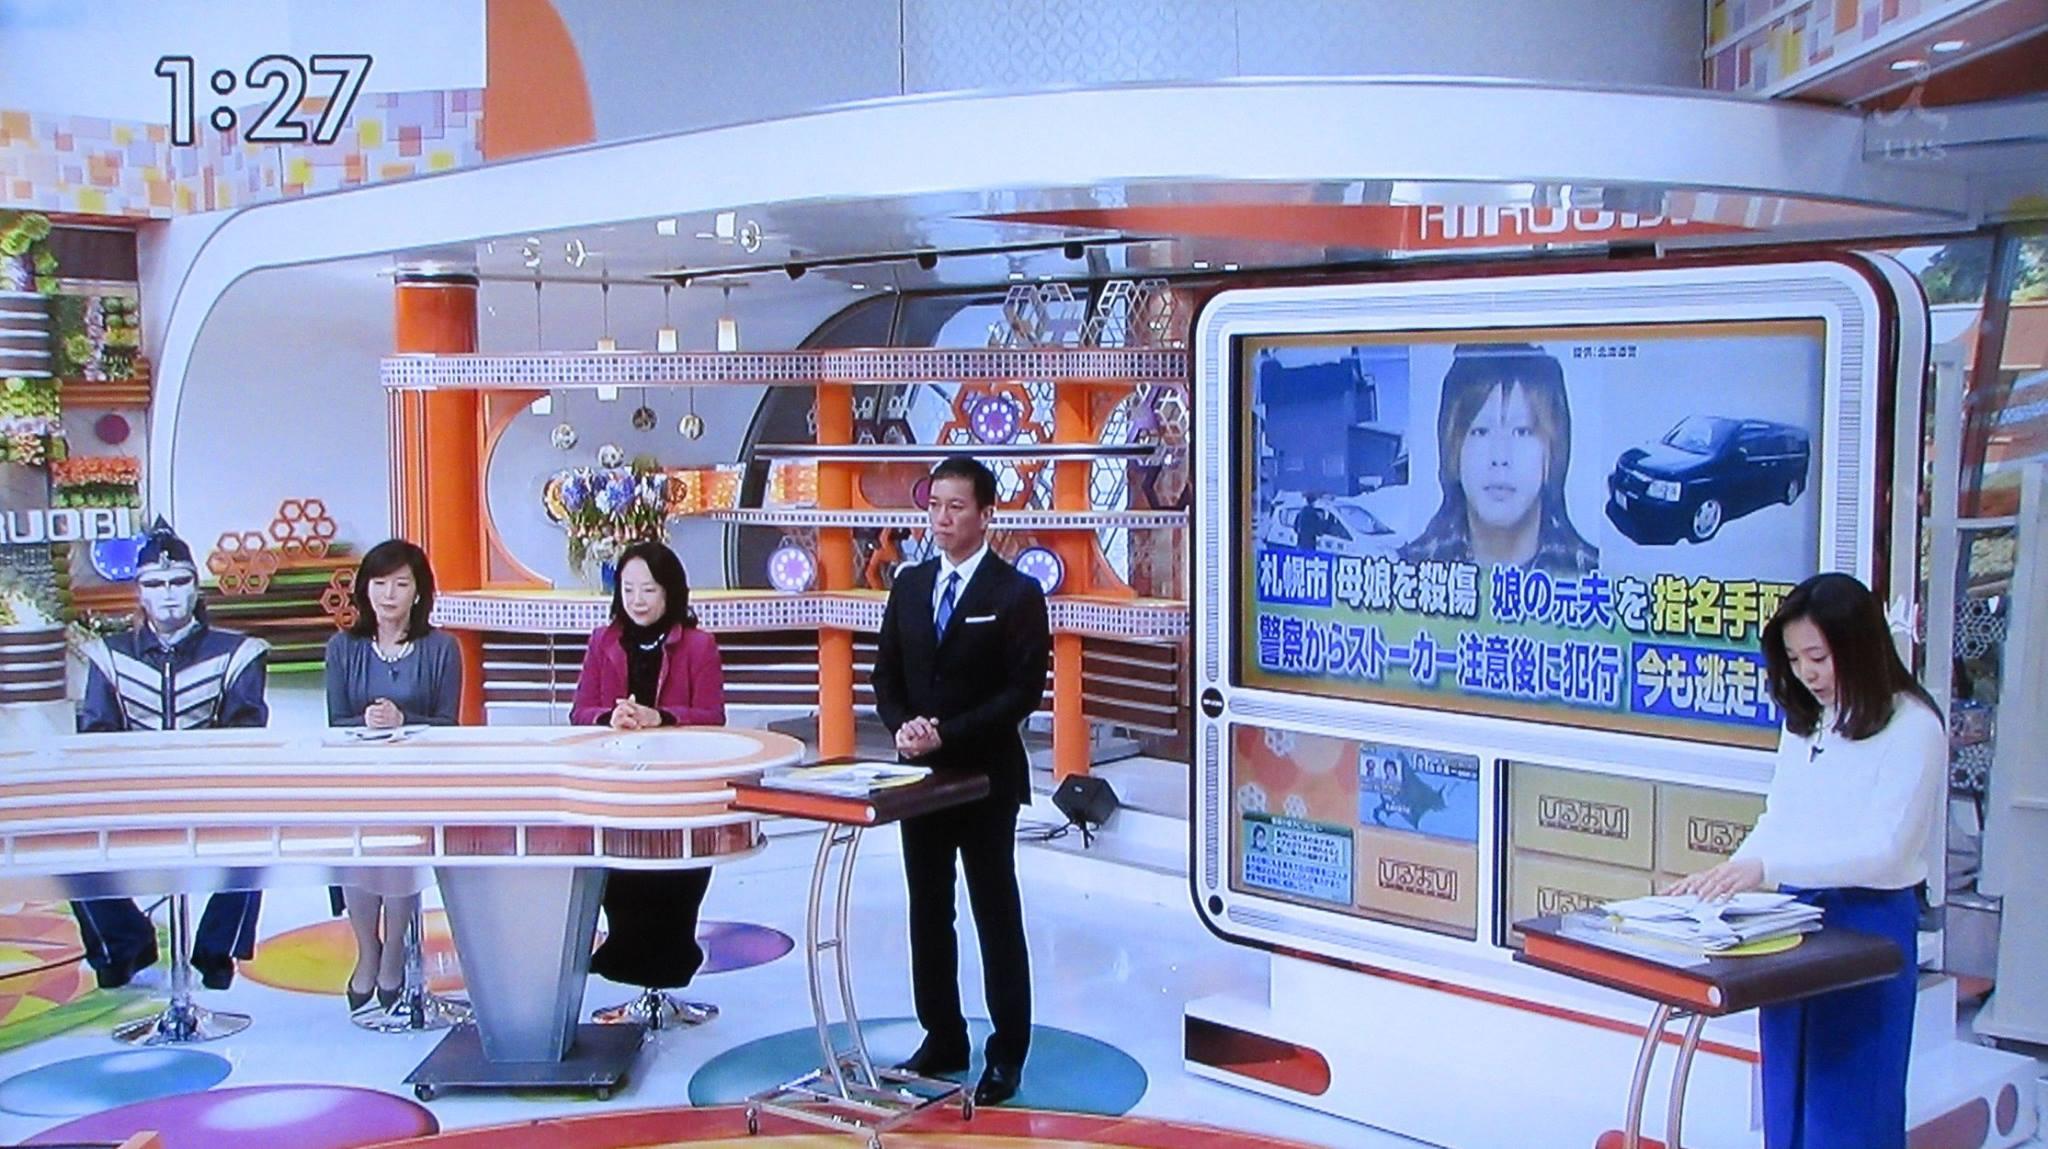 ひるおび 室井佑月が「ひるおび!」を降板「番組ルールなんだって」「私もびっくりした」